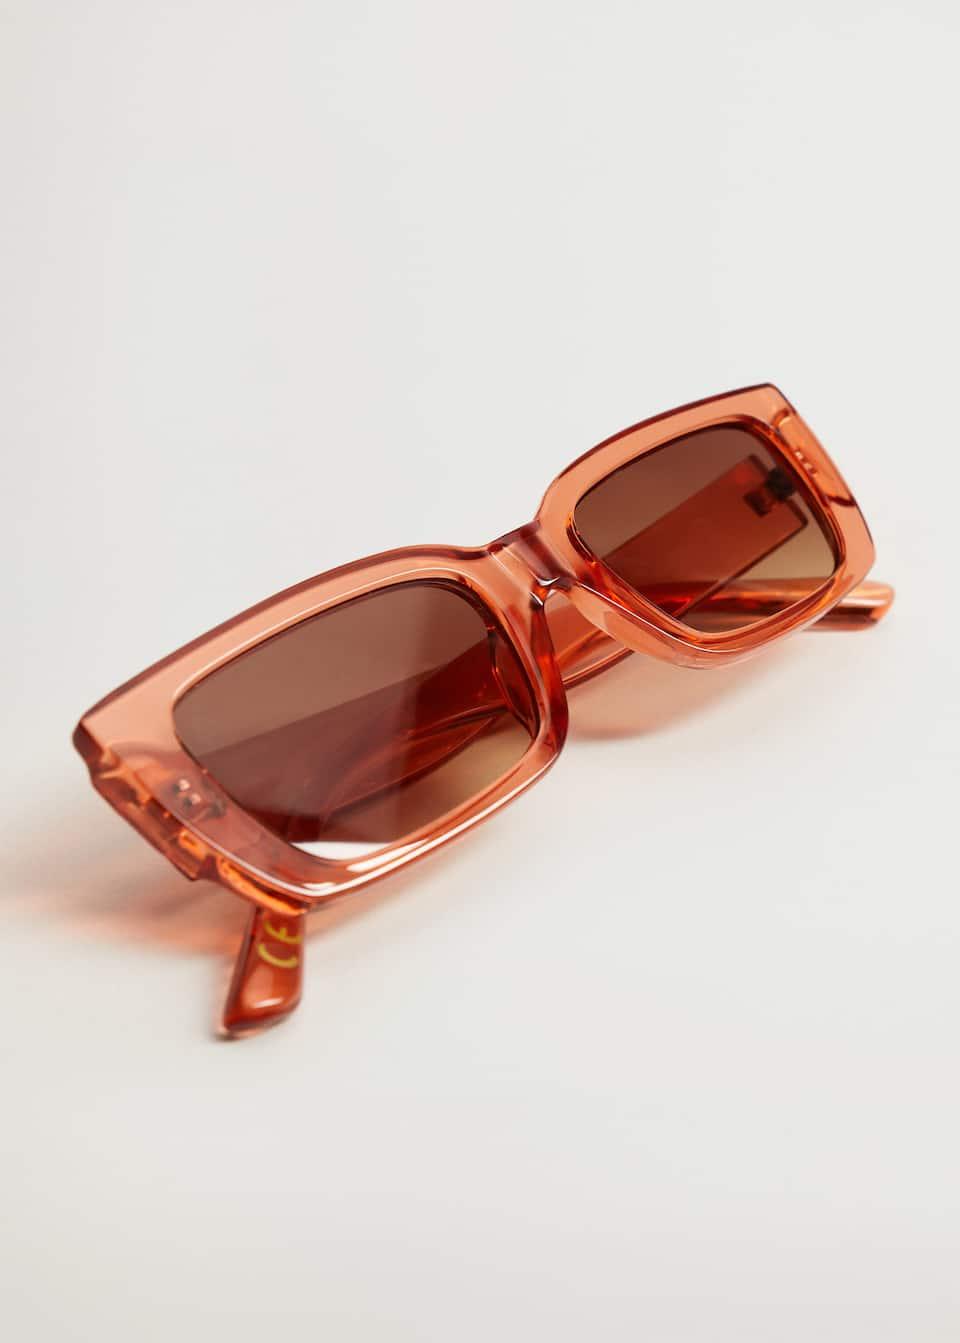 Ochelari de soare cu montură transparentă - Detaliu al articolului 3